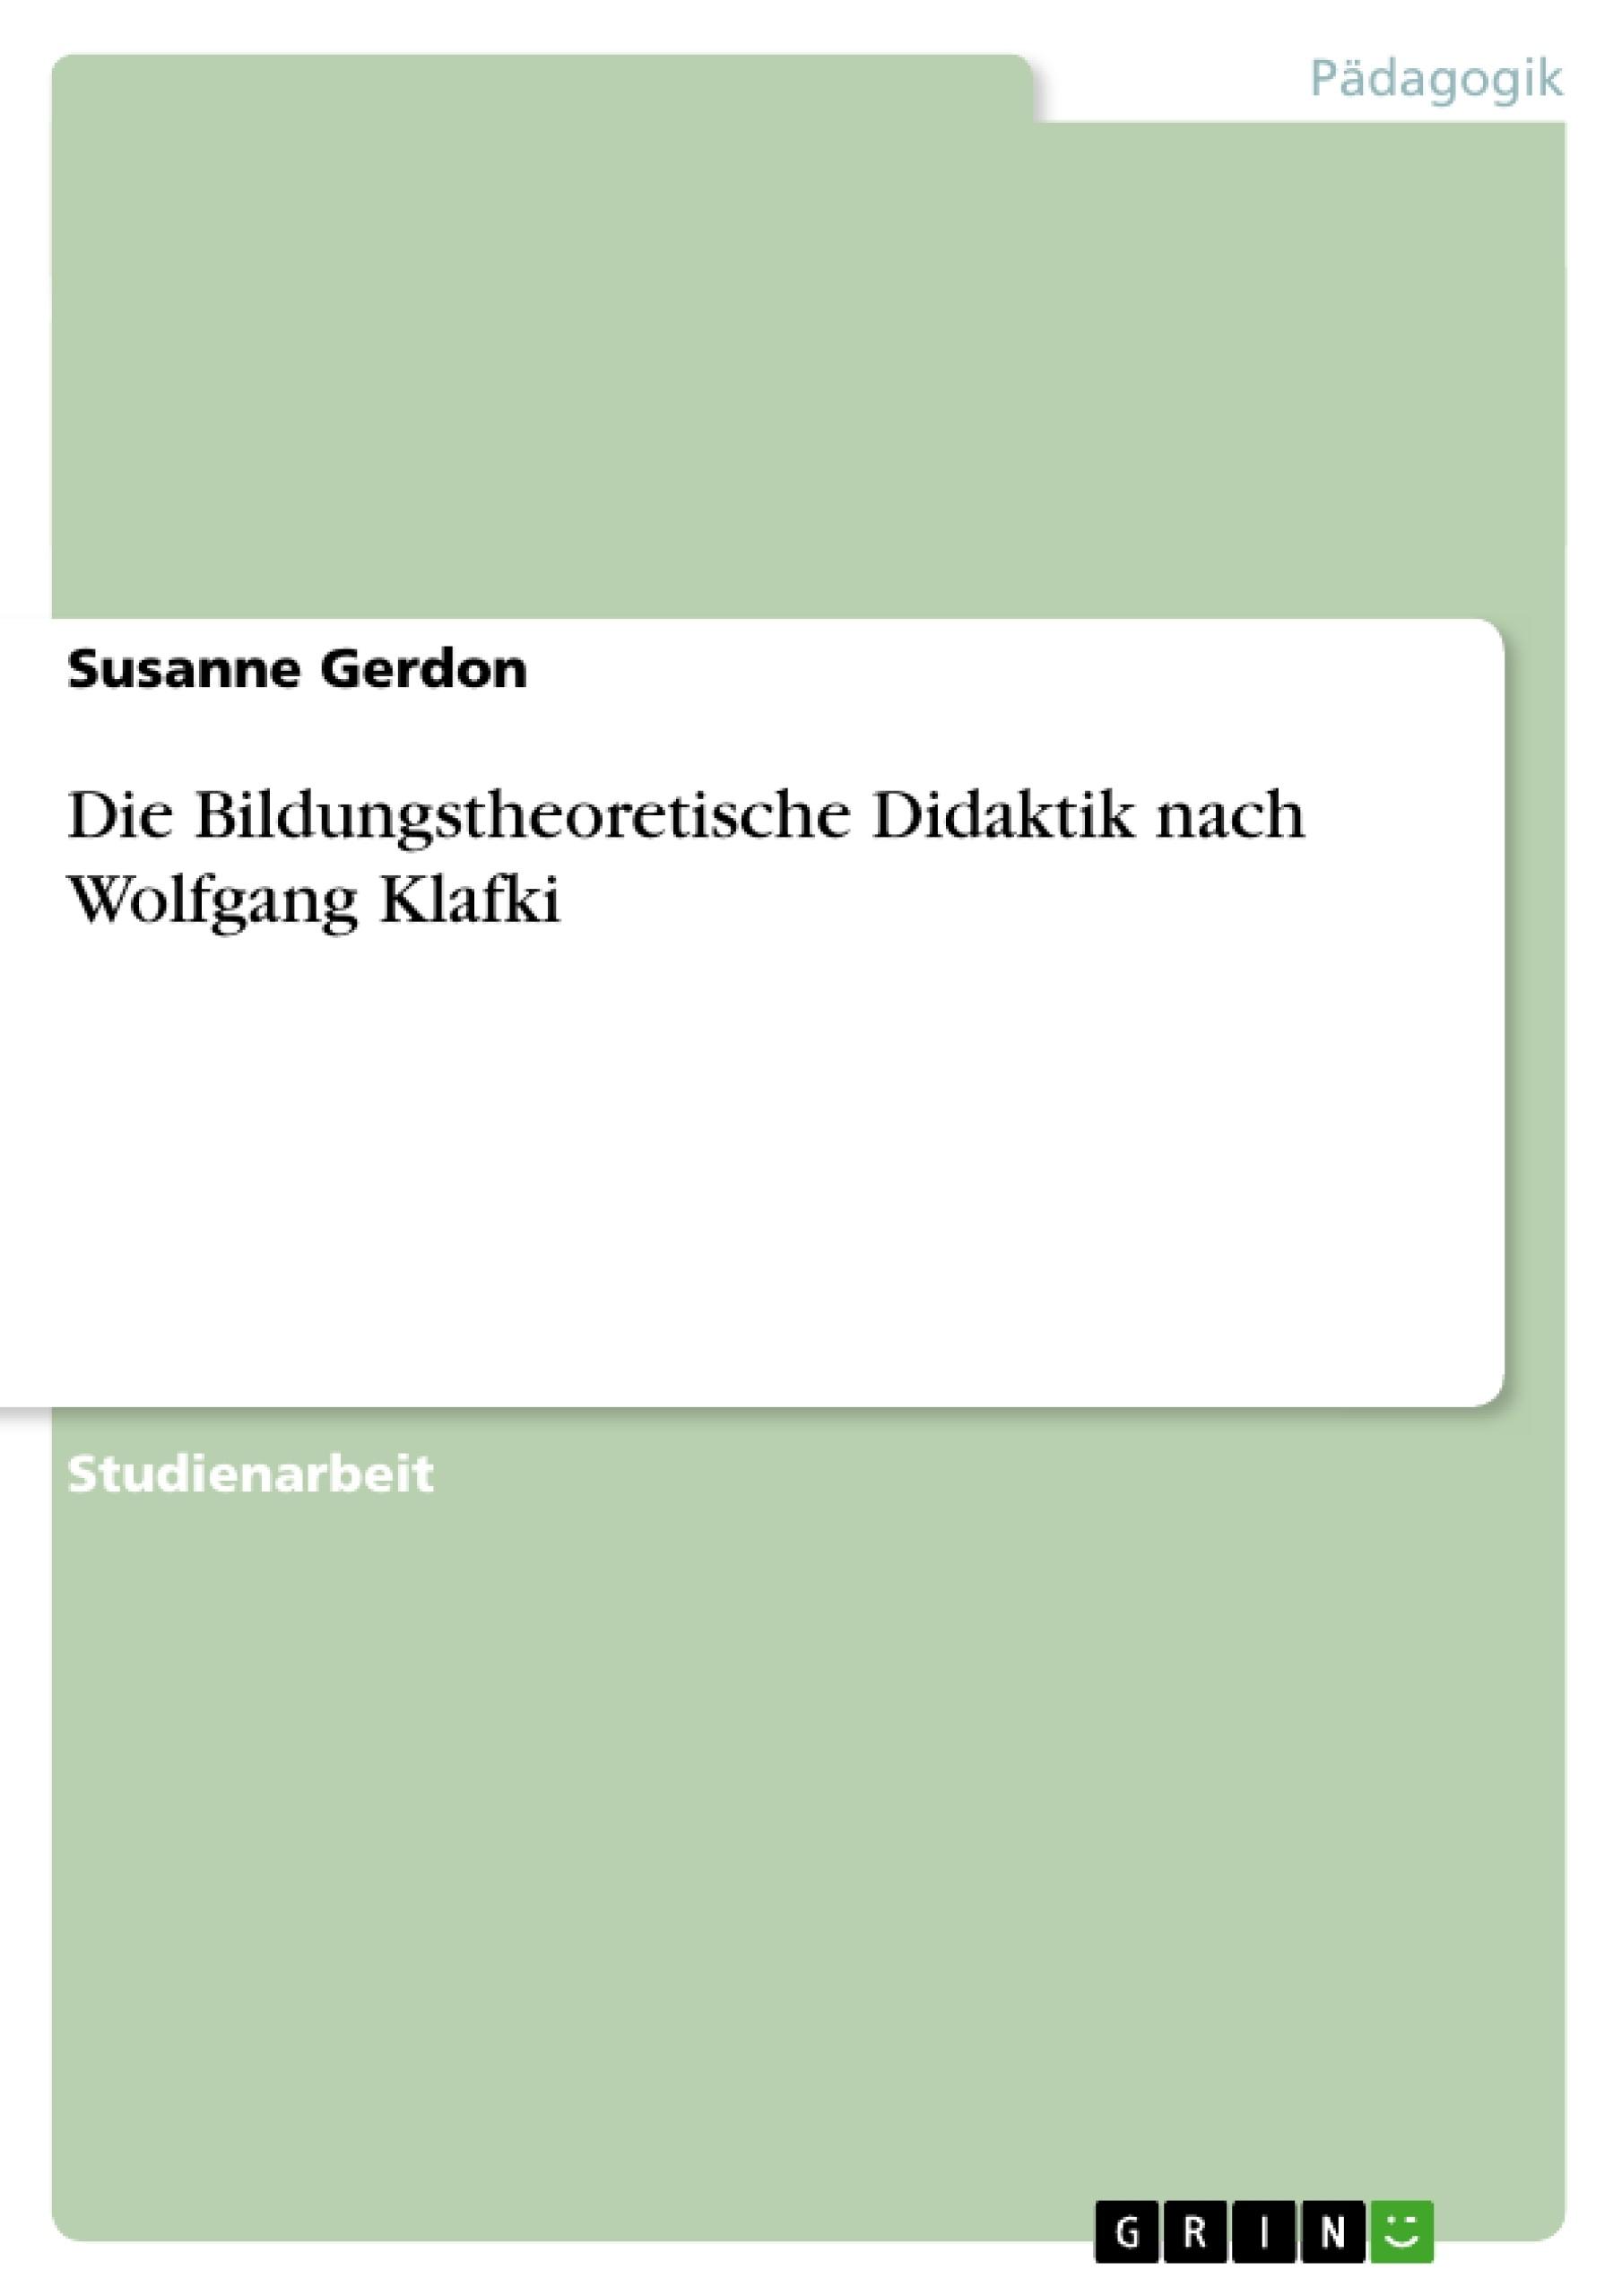 Titel: Die Bildungstheoretische Didaktik nach Wolfgang Klafki